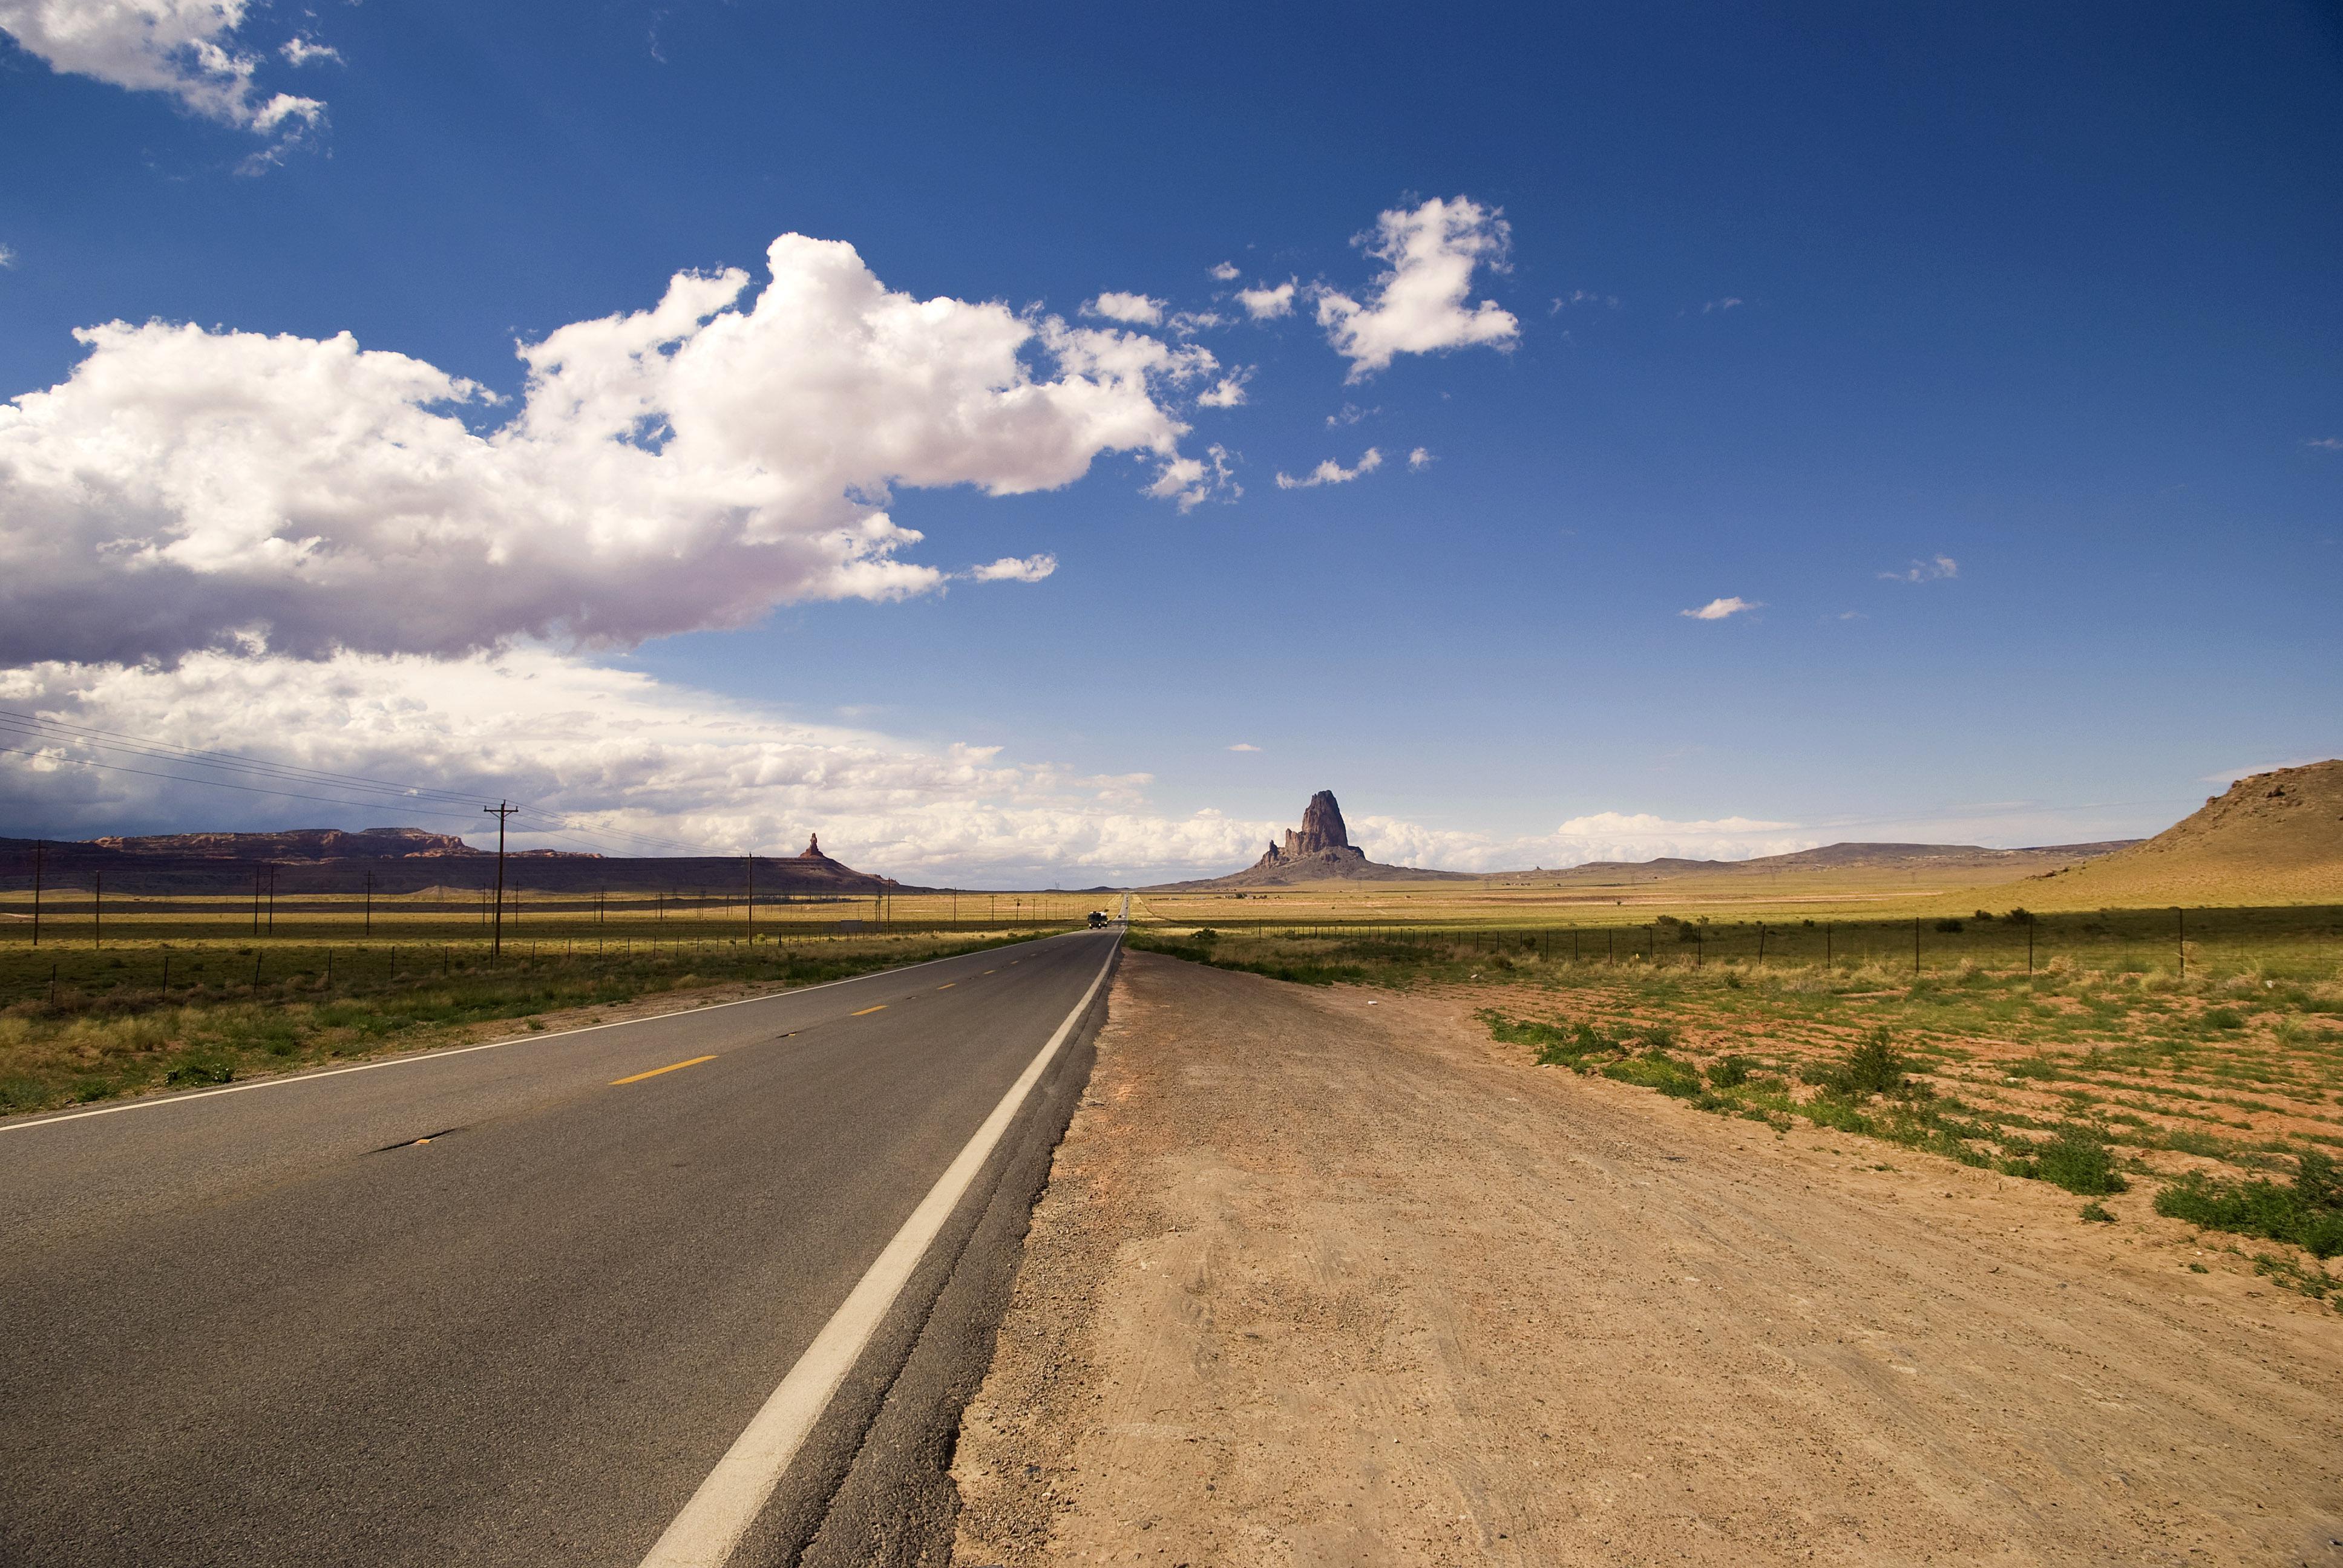 природа небо облака дорога горизонт  № 772049  скачать